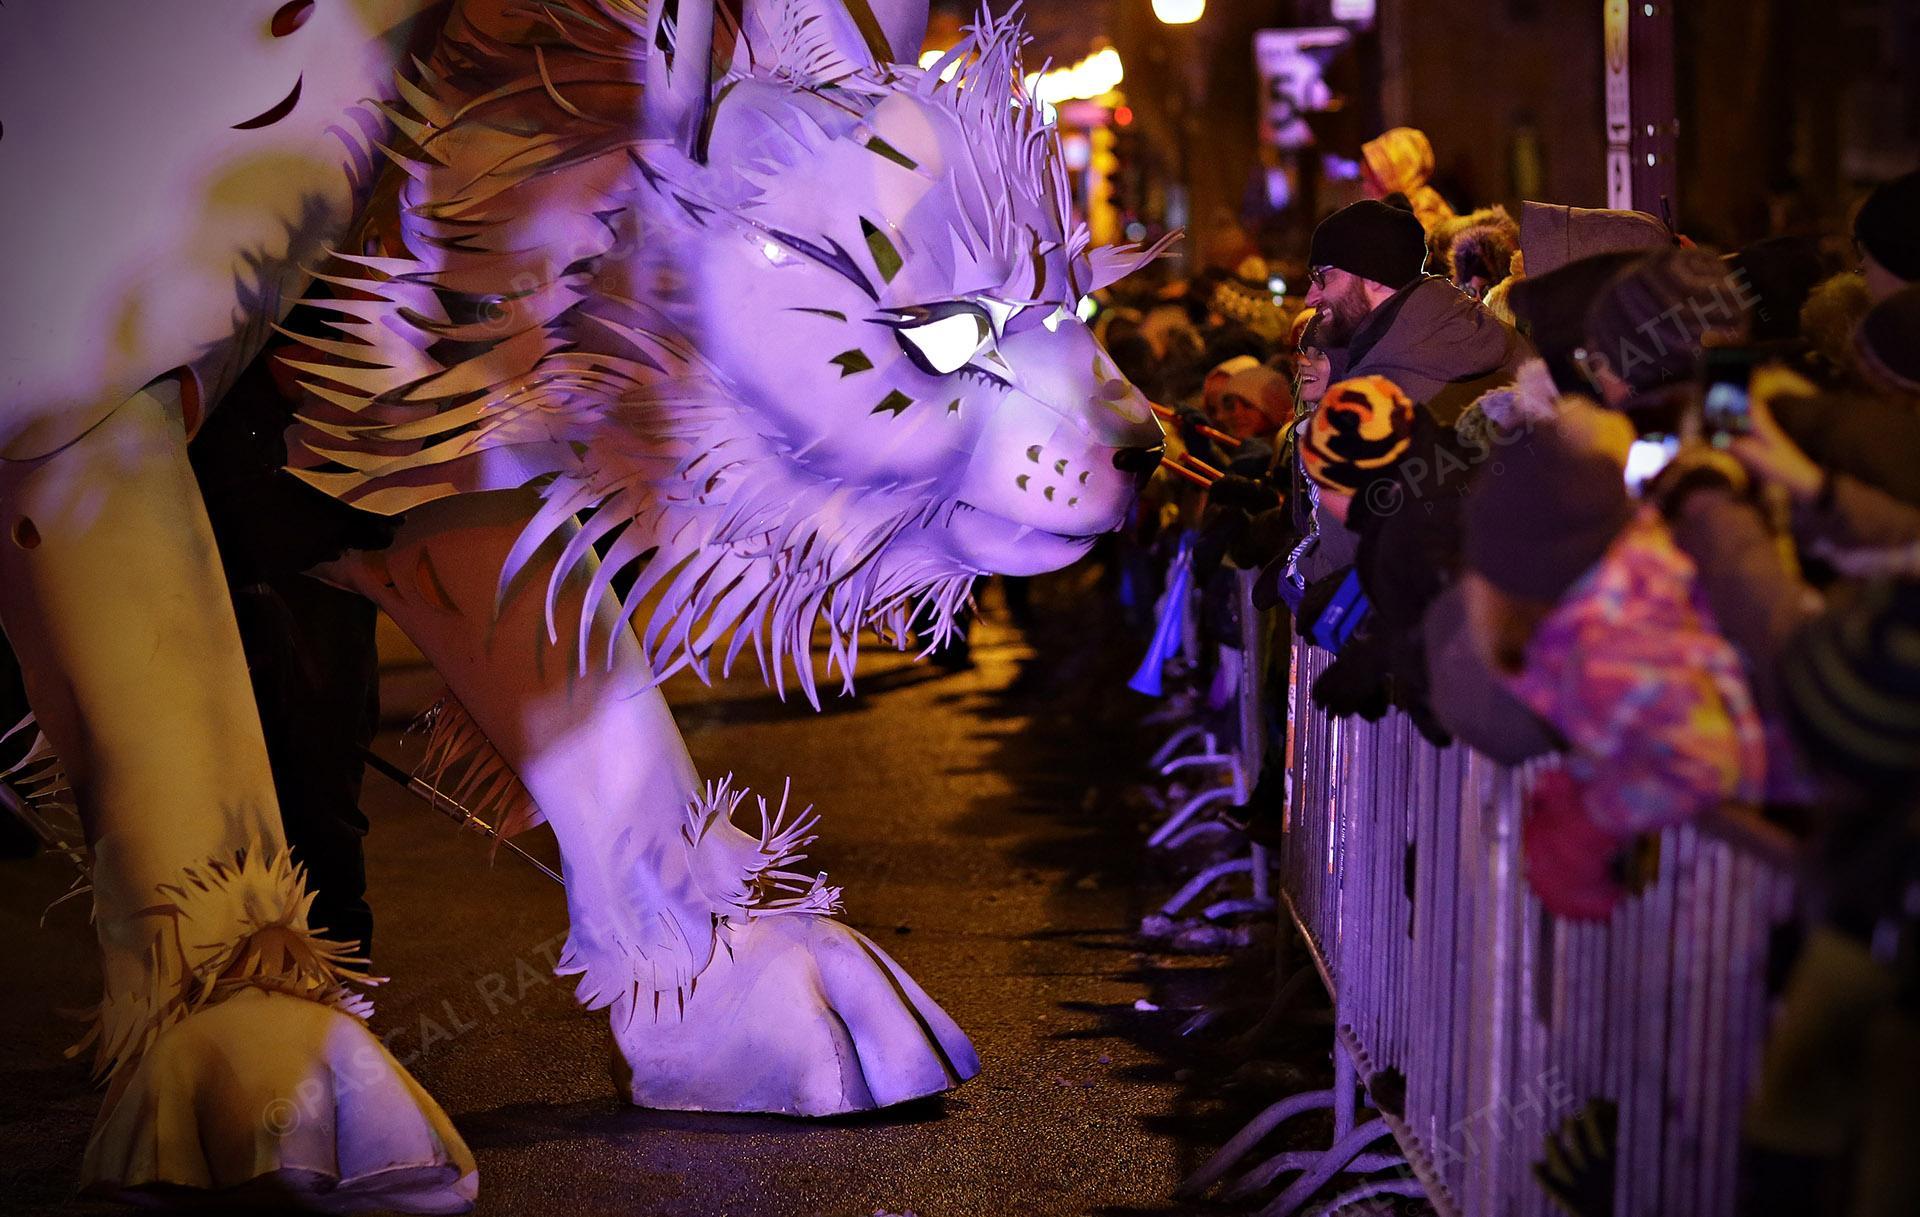 le défilé du Carnaval 2020 à Québec avec un chat géant regardant les gens